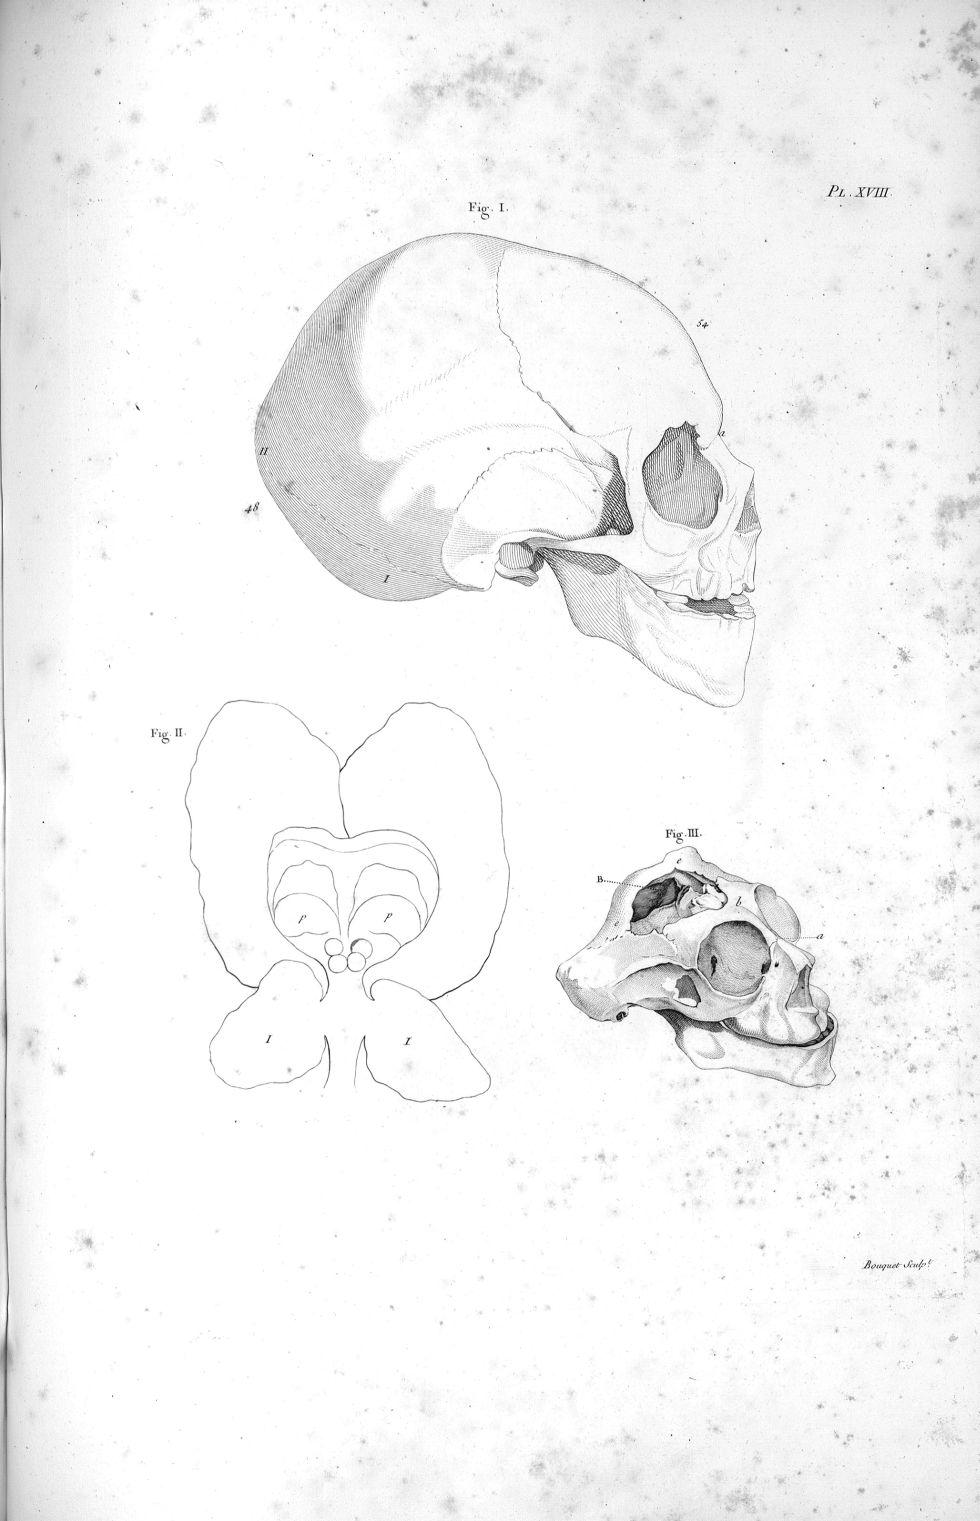 Pl. XVIII. Fig. II. Contour du cerveau d'un jeune homme complètement imbécile [...] ; crâne d'un enf [...] - Anatomie. Neurologie. Cerveaux. Crânes. Phrénologie. 19e siècle (France) - med00575x02x0331